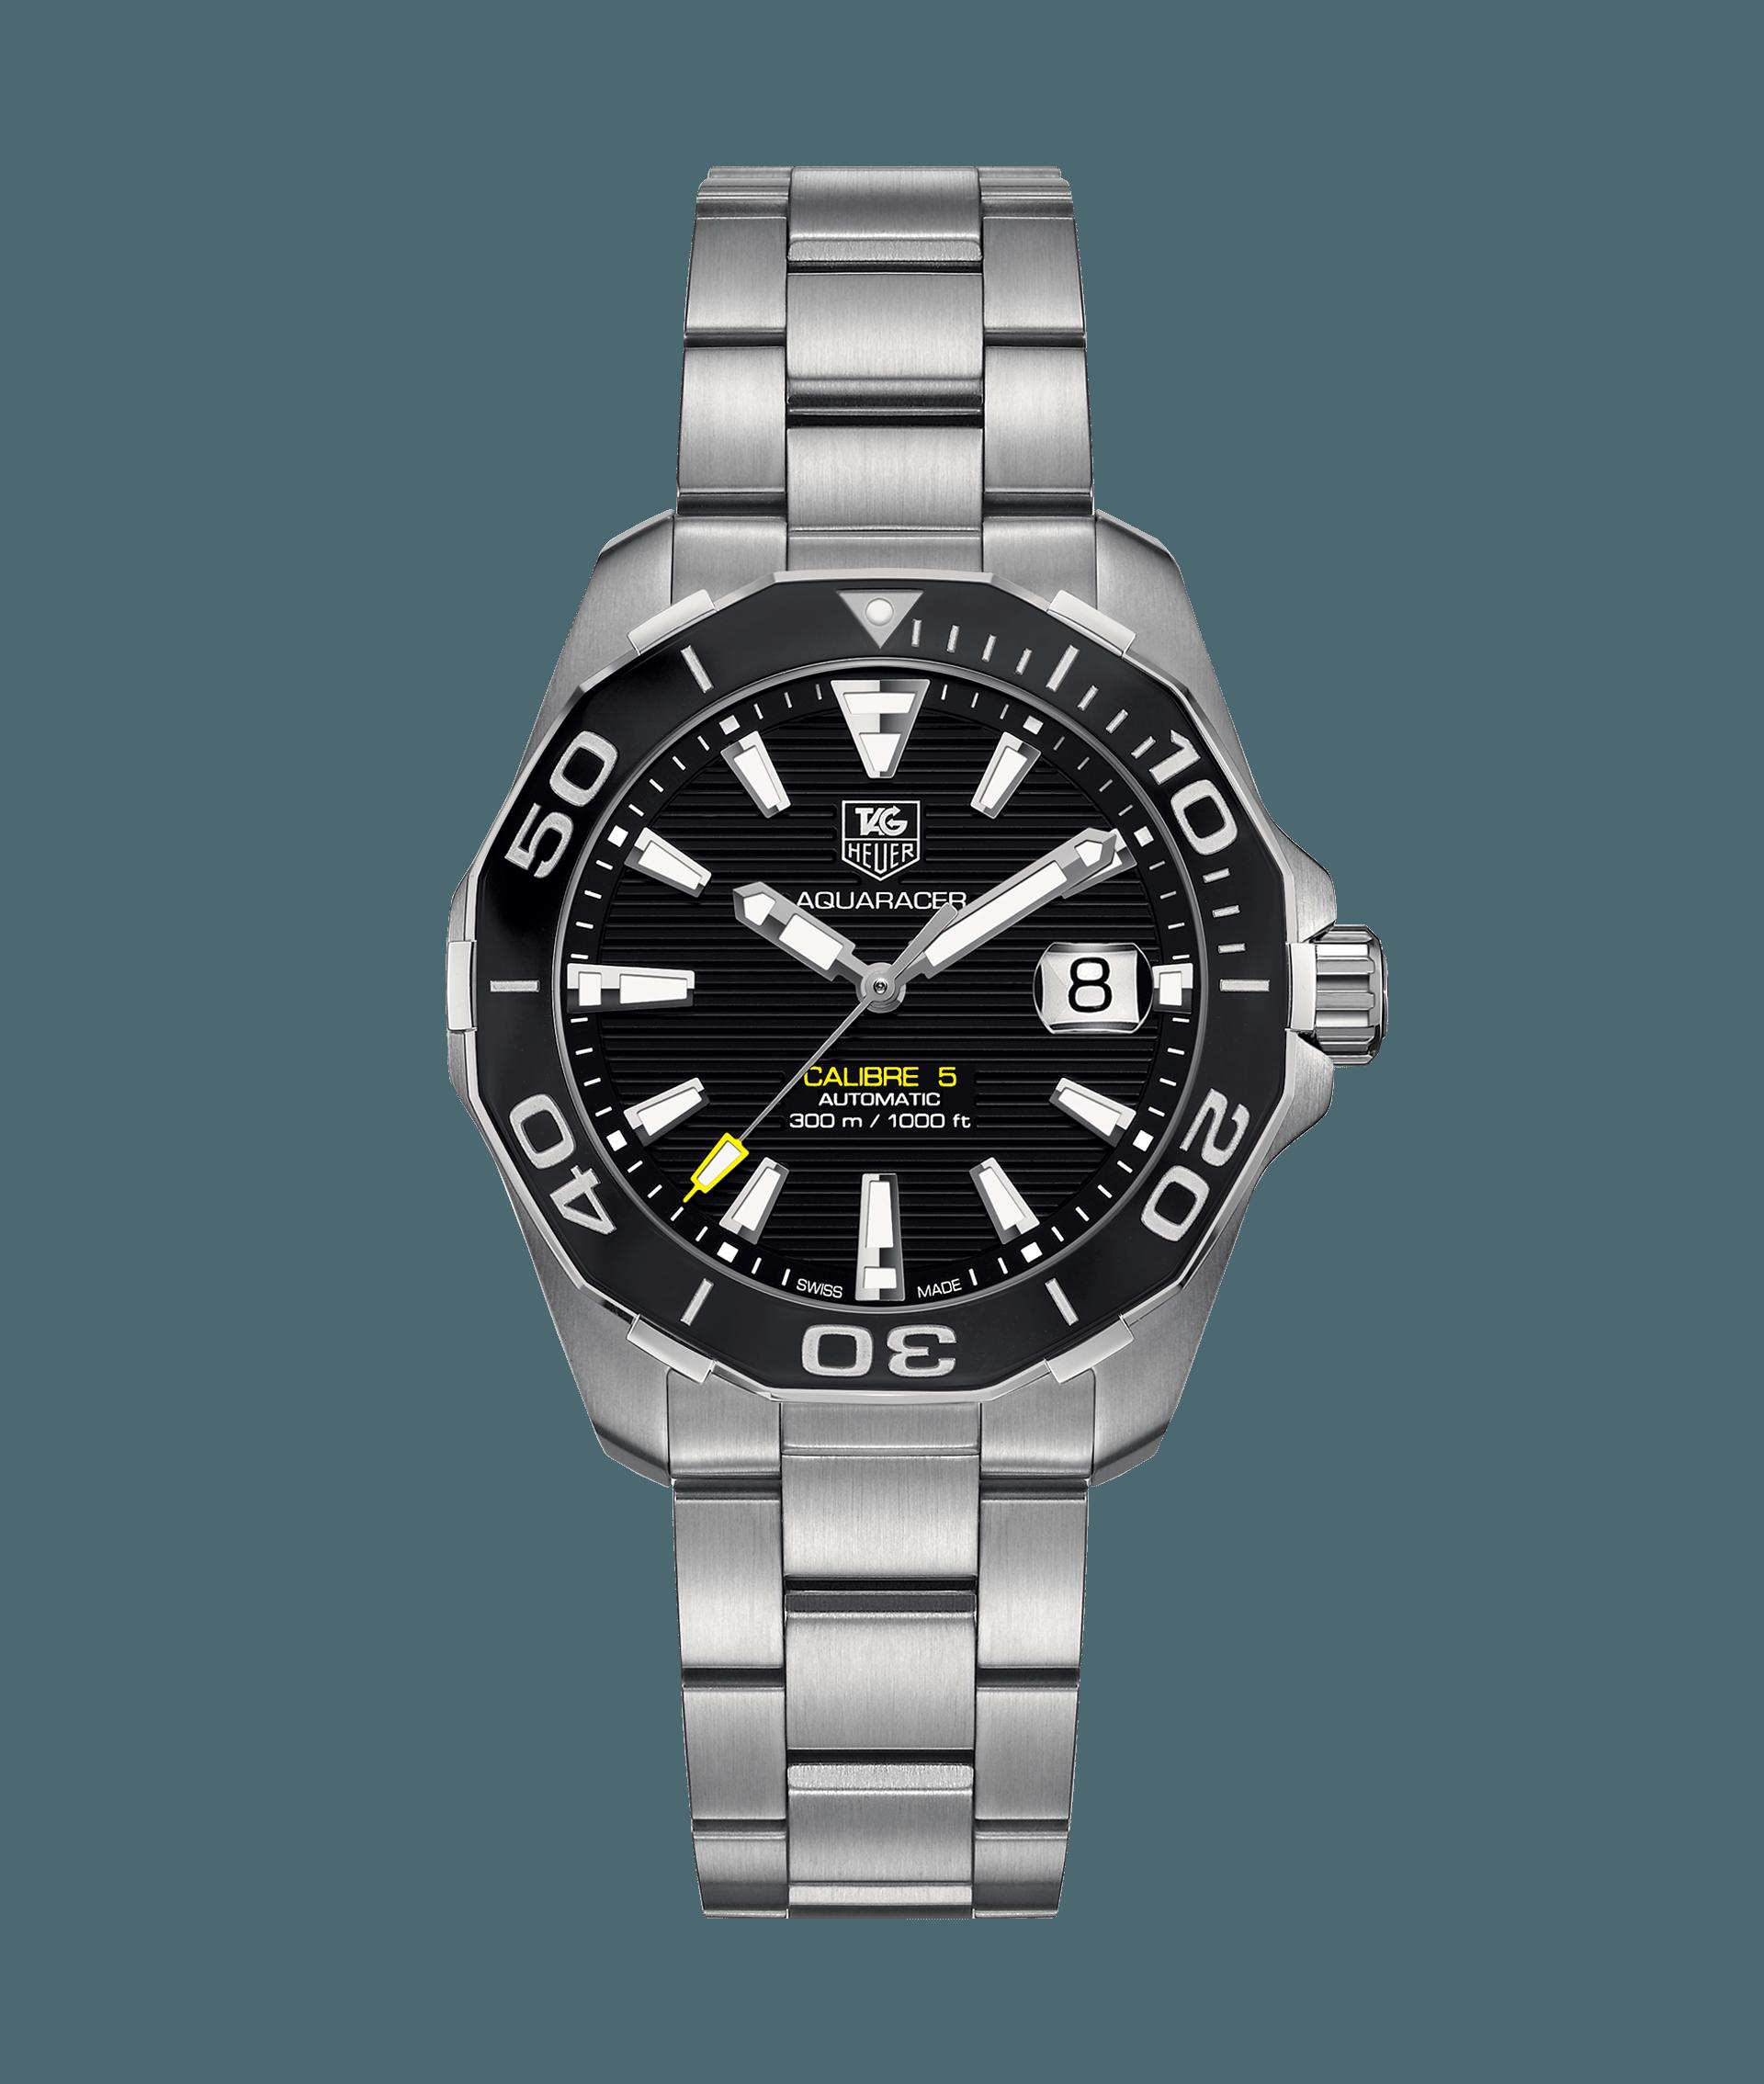 86d95bee0f8 Aquaracer Calibre 5 Relógio Automático 300 M - 41 mm WAY211A.BA0928 Preço  do relógio TAG Heuer